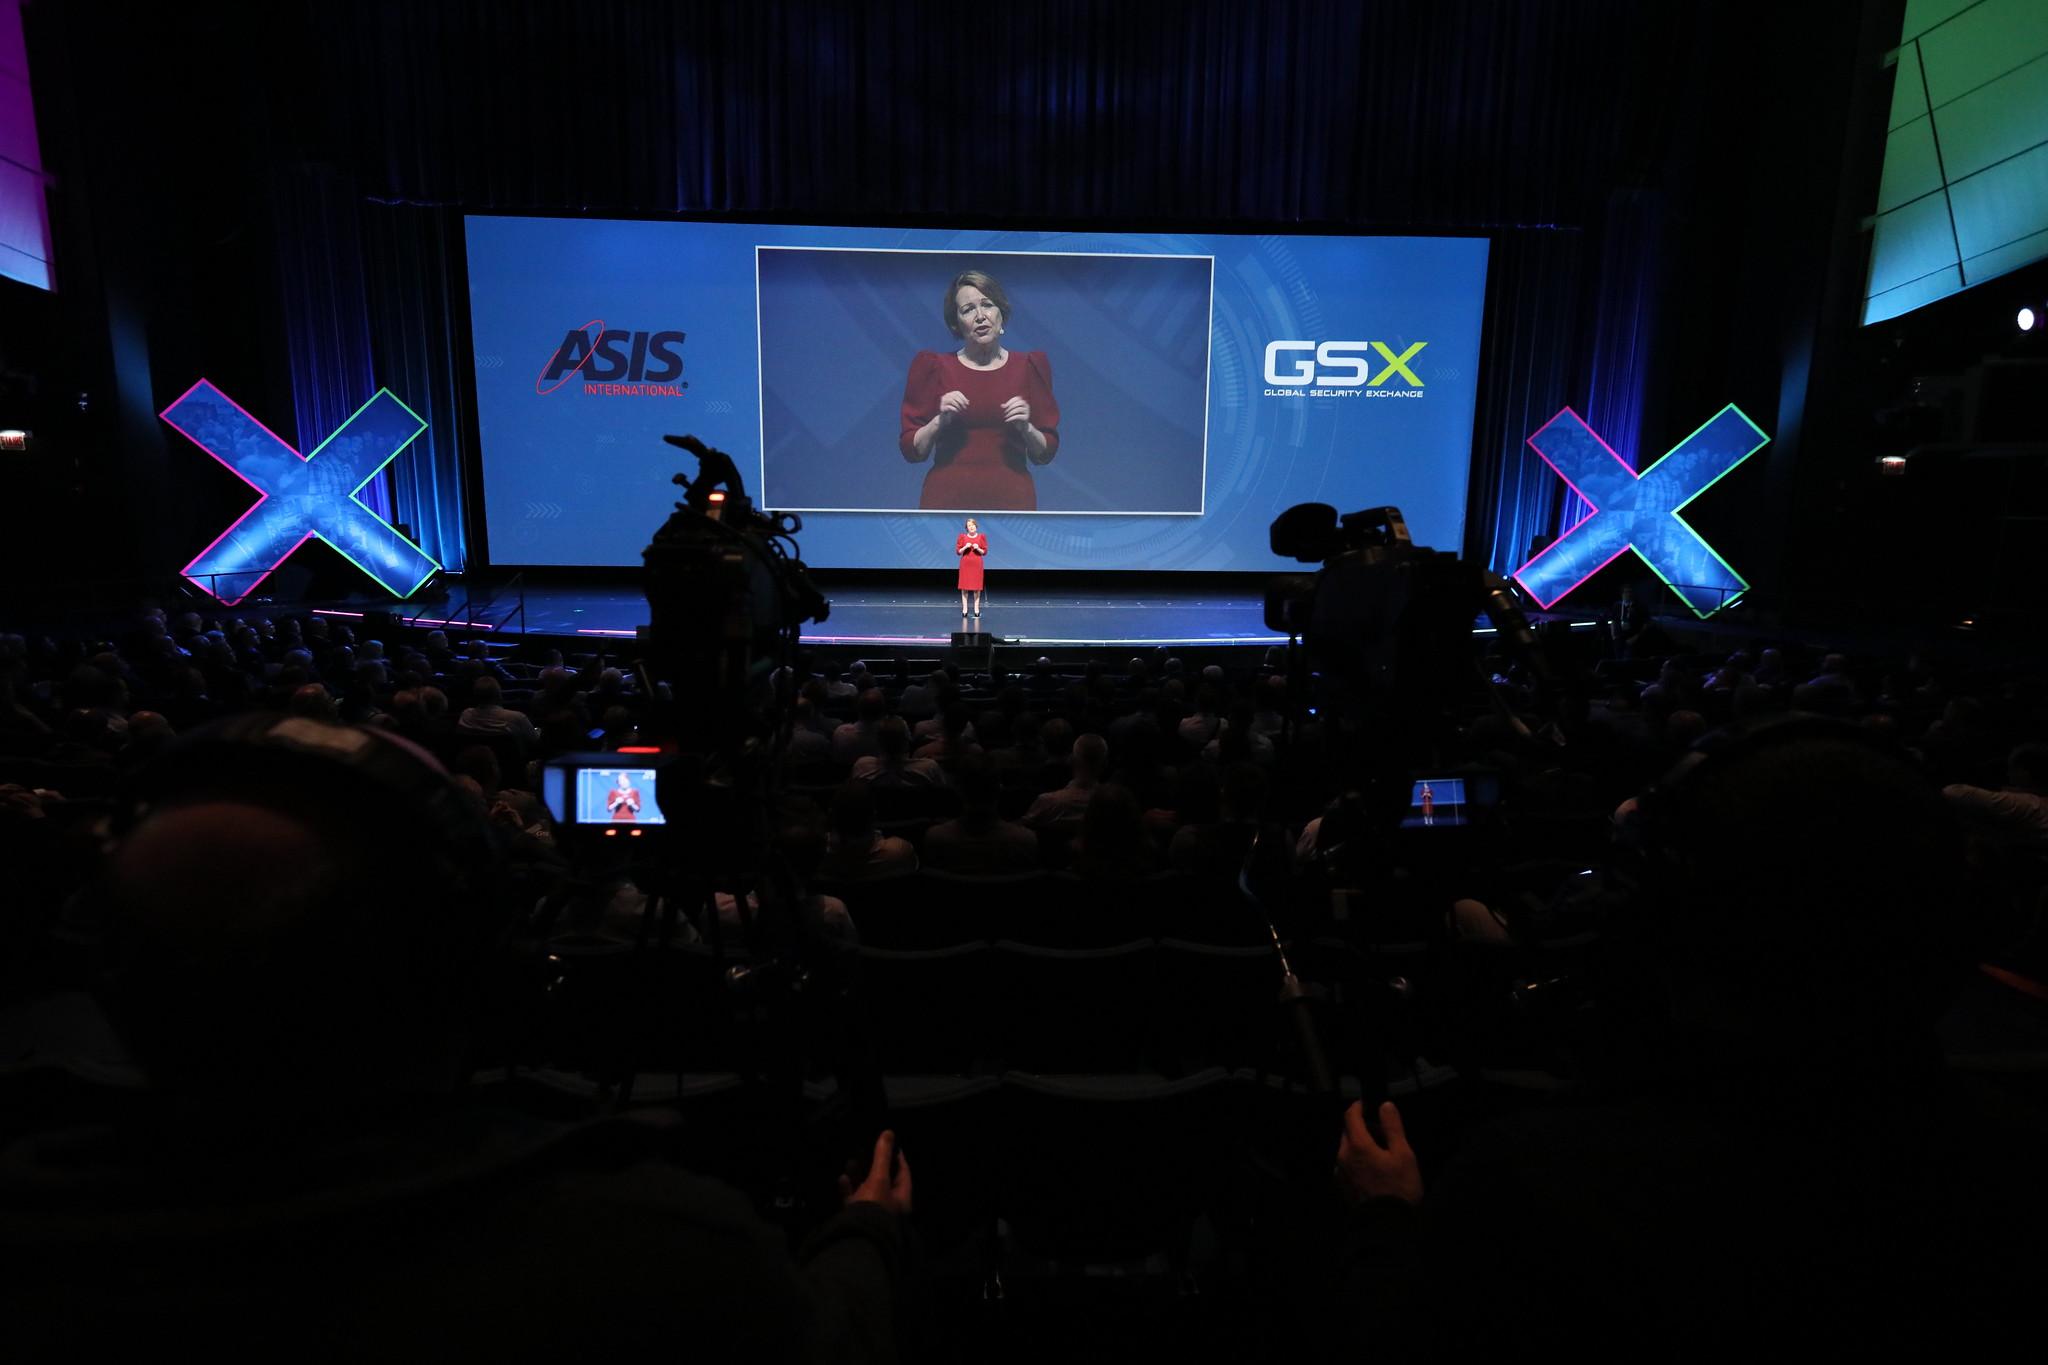 global security exchange